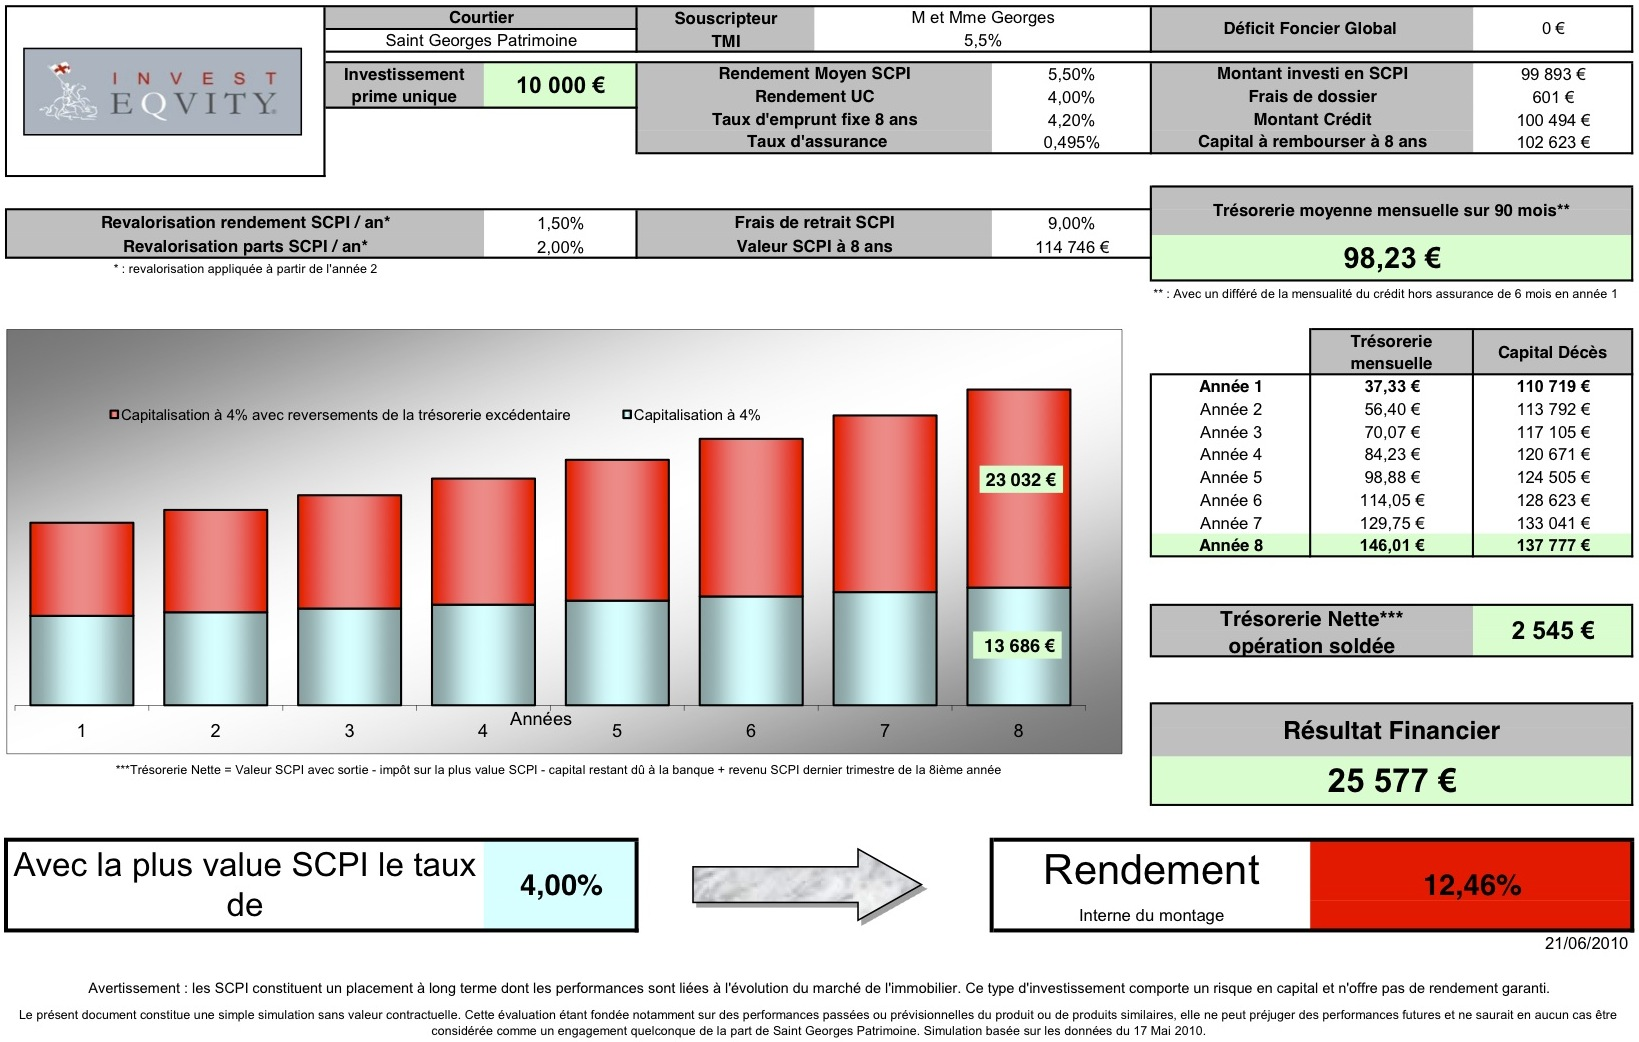 Simulation INVEST EQUITY pour un investisseur soumis à une trance d'impôt de 5,5%